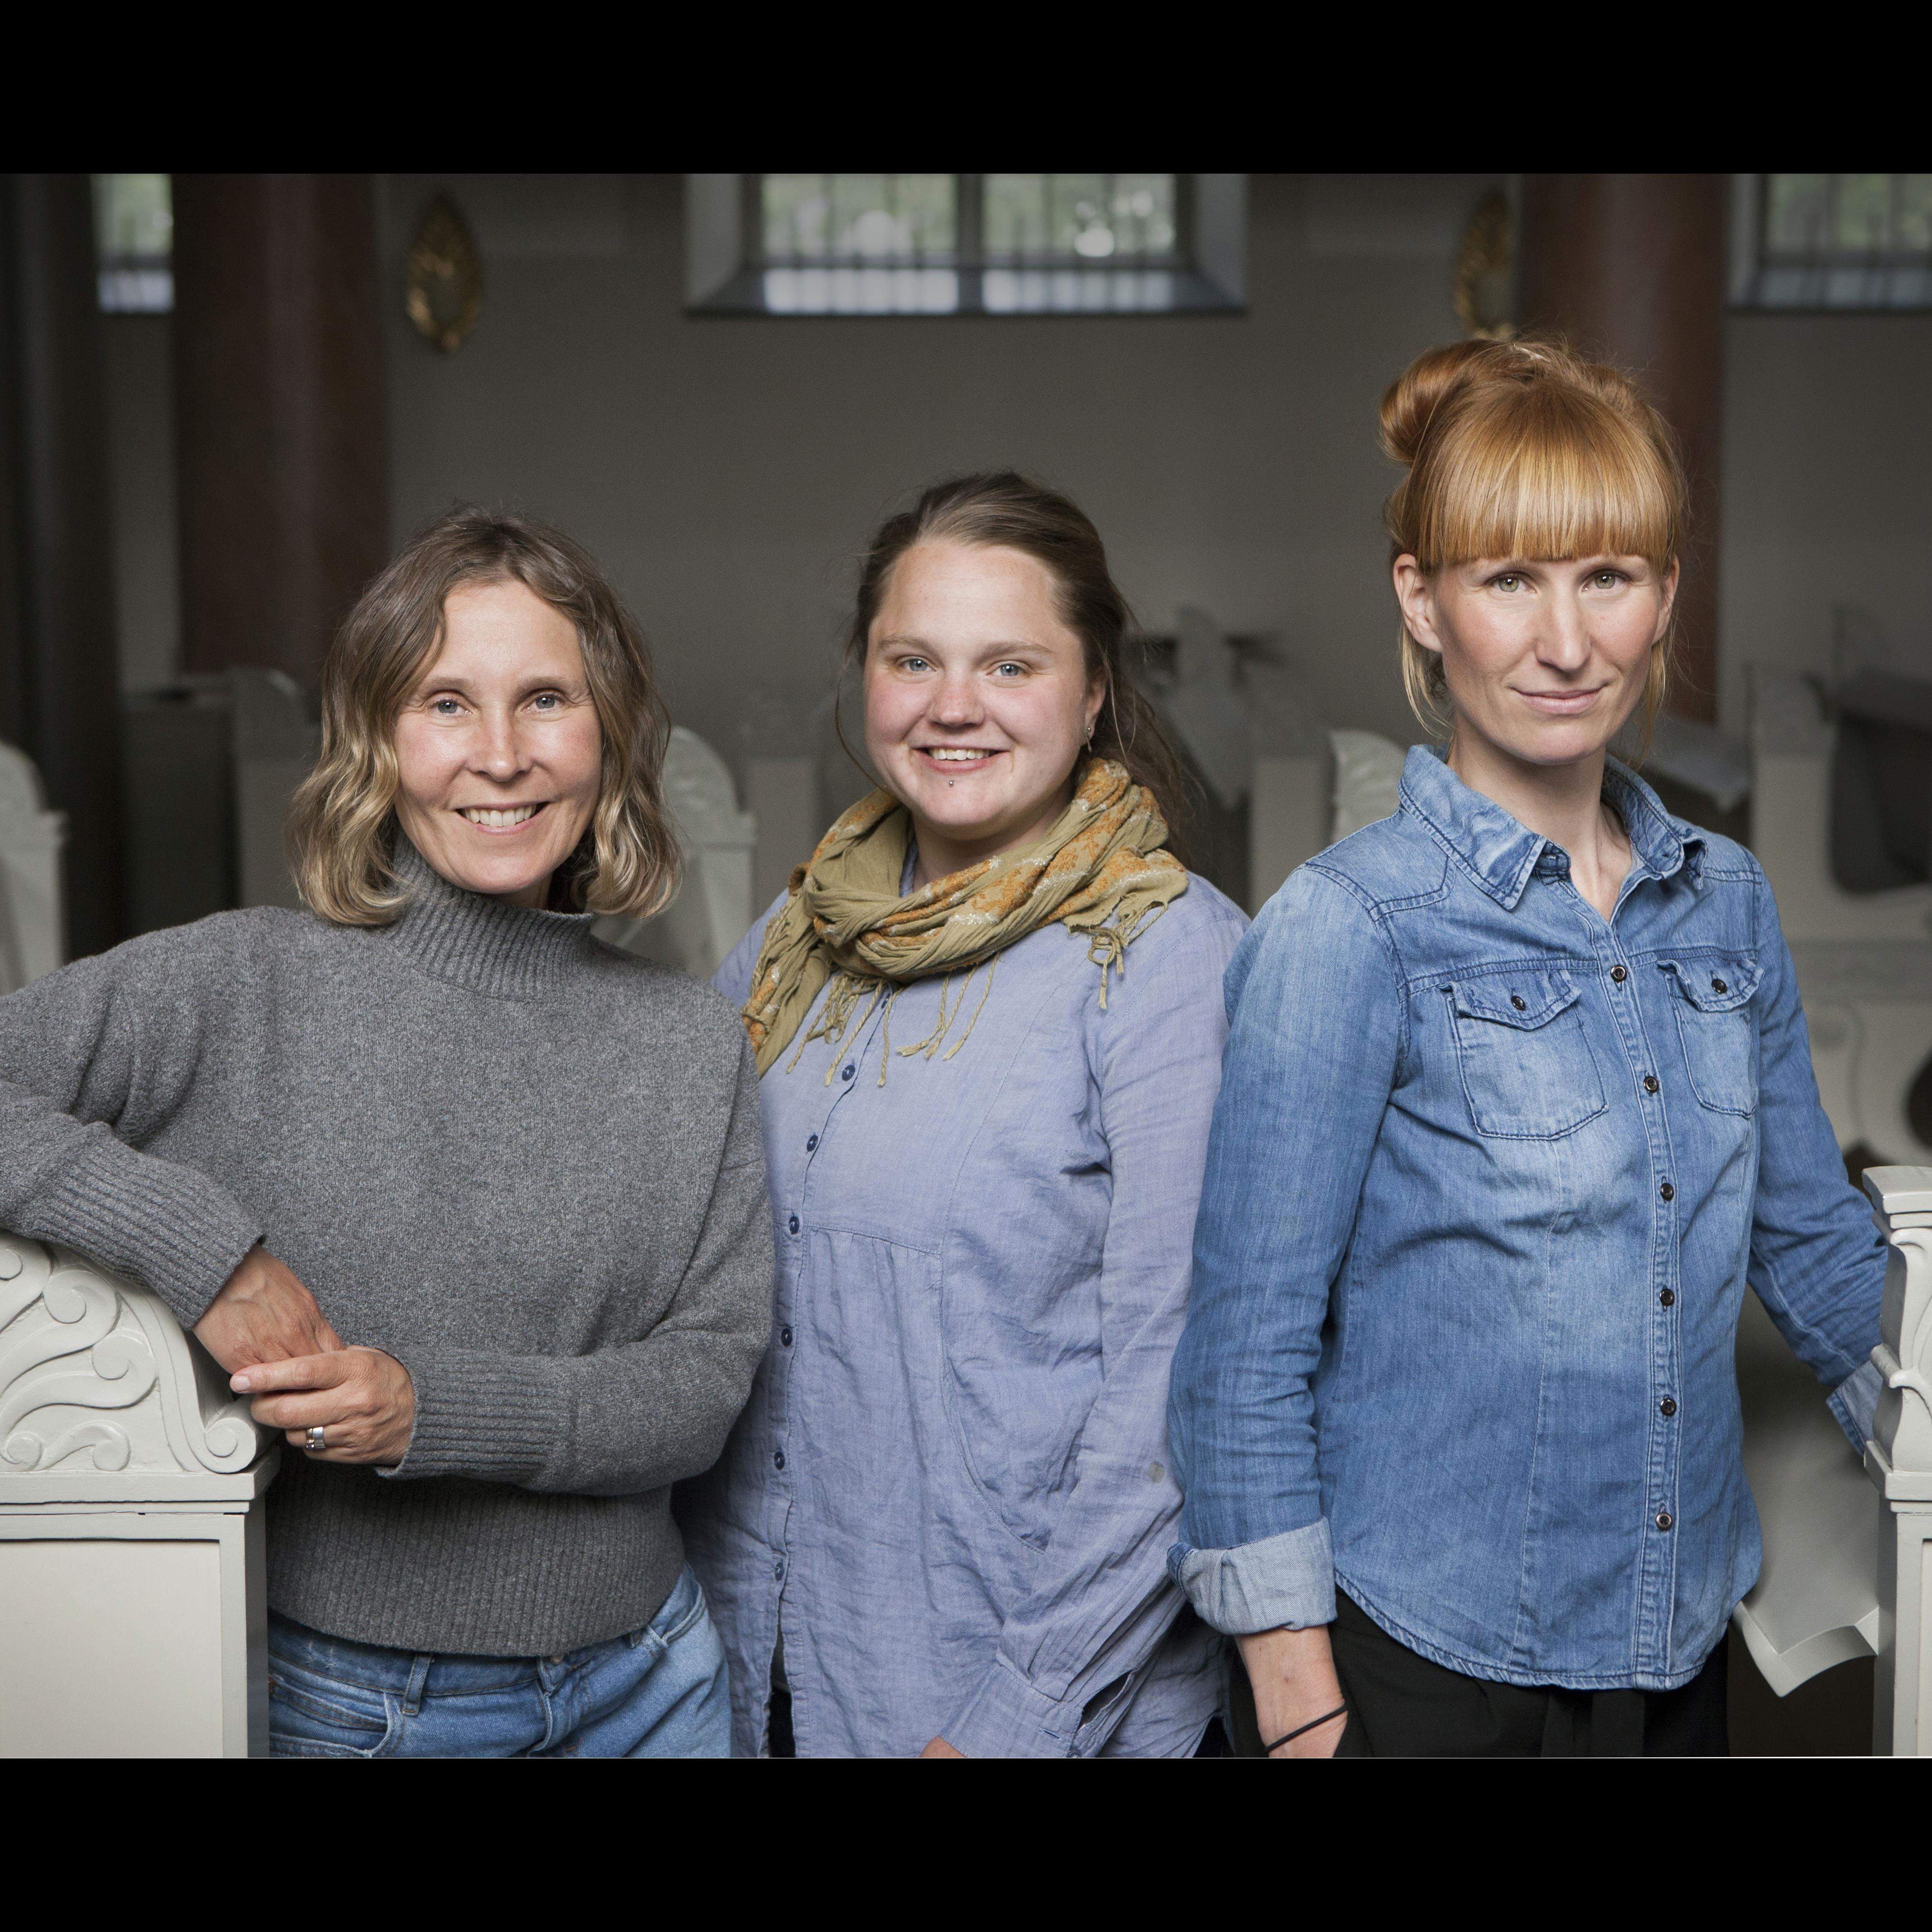 Eva Körberg och Lotta Näckter föreläser om att bevara antikvariskt måleri i Stenstan